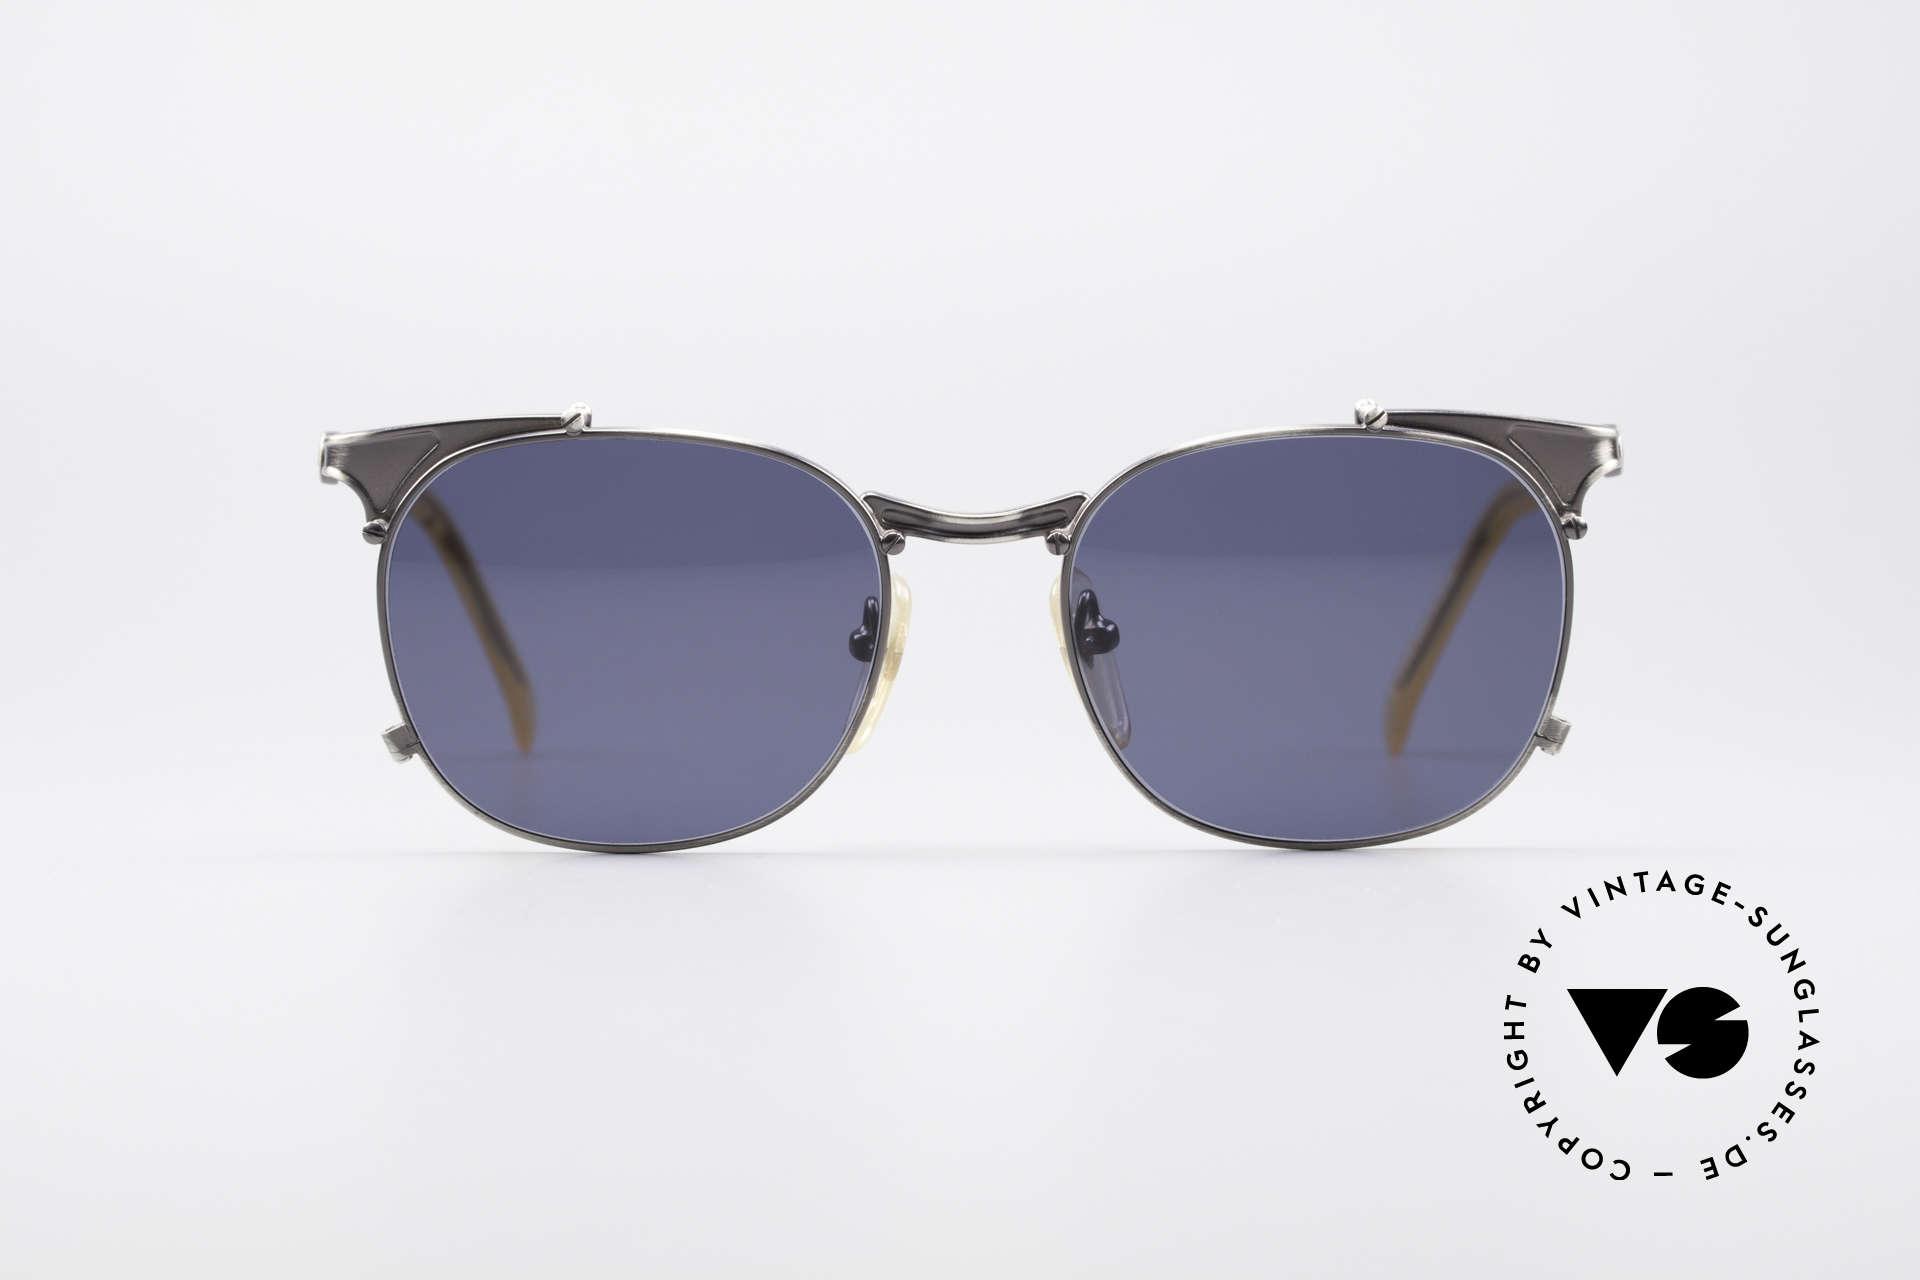 Jean Paul Gaultier 56-2175 90er Designer Sonnenbrille, zeitloses Design; schlicht und elegant zugleich, Passend für Herren und Damen